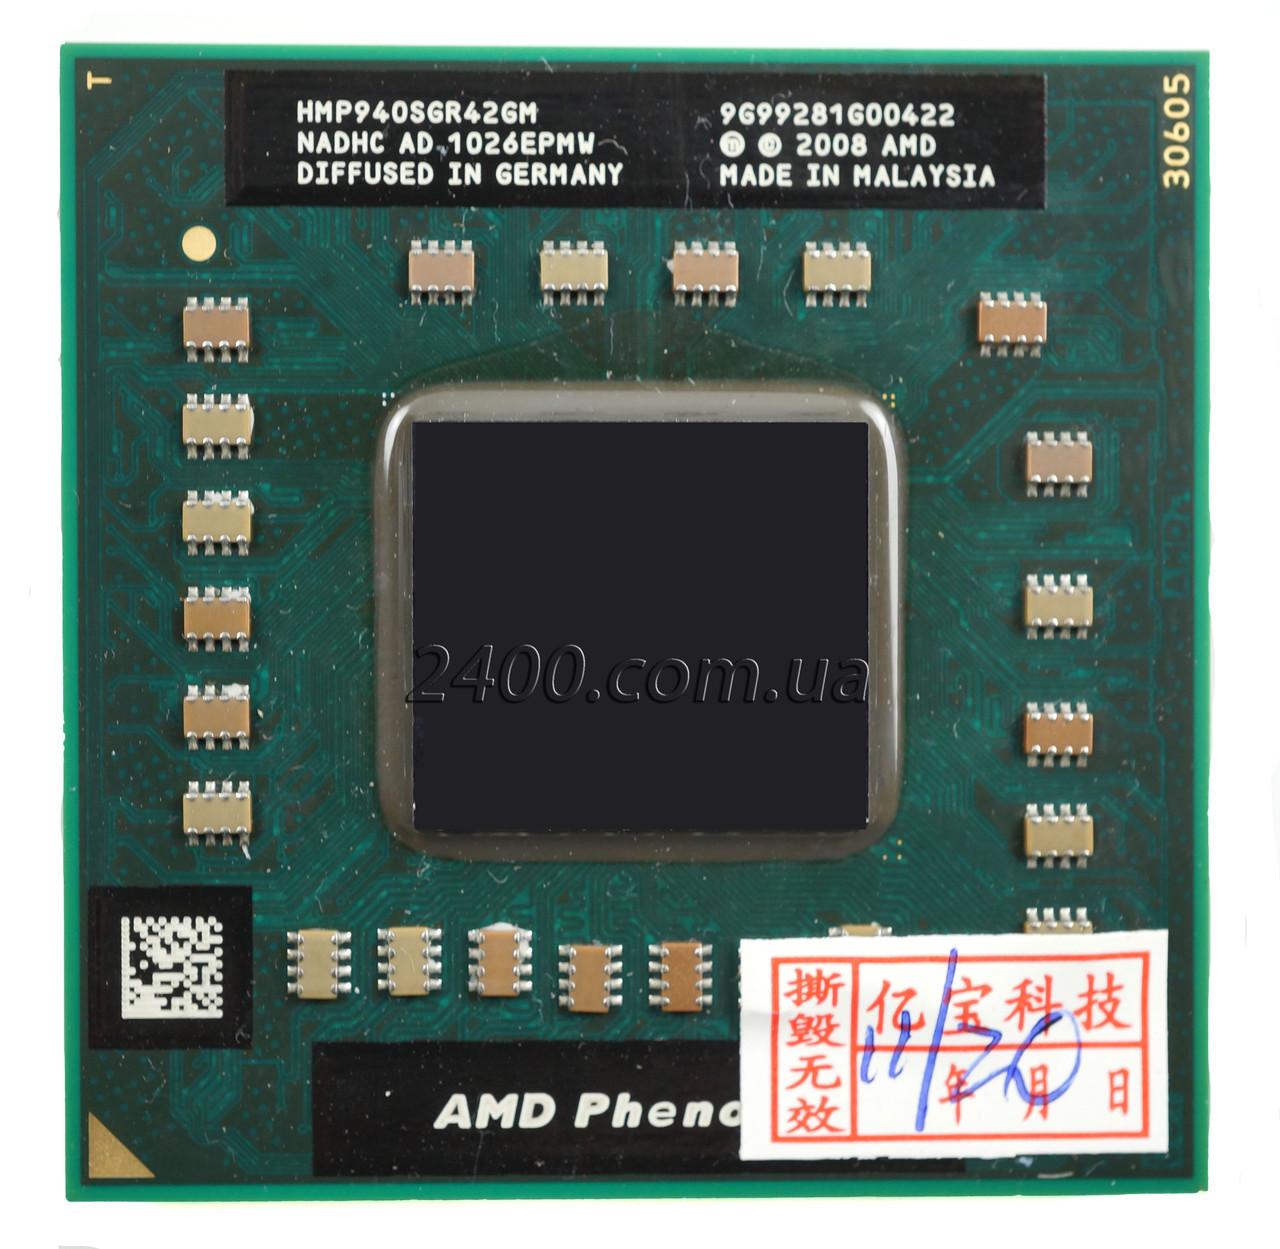 Процессор AMD Phenom II X4 P940 1.7GHz Socket S1 (S1g4) для ноутбука